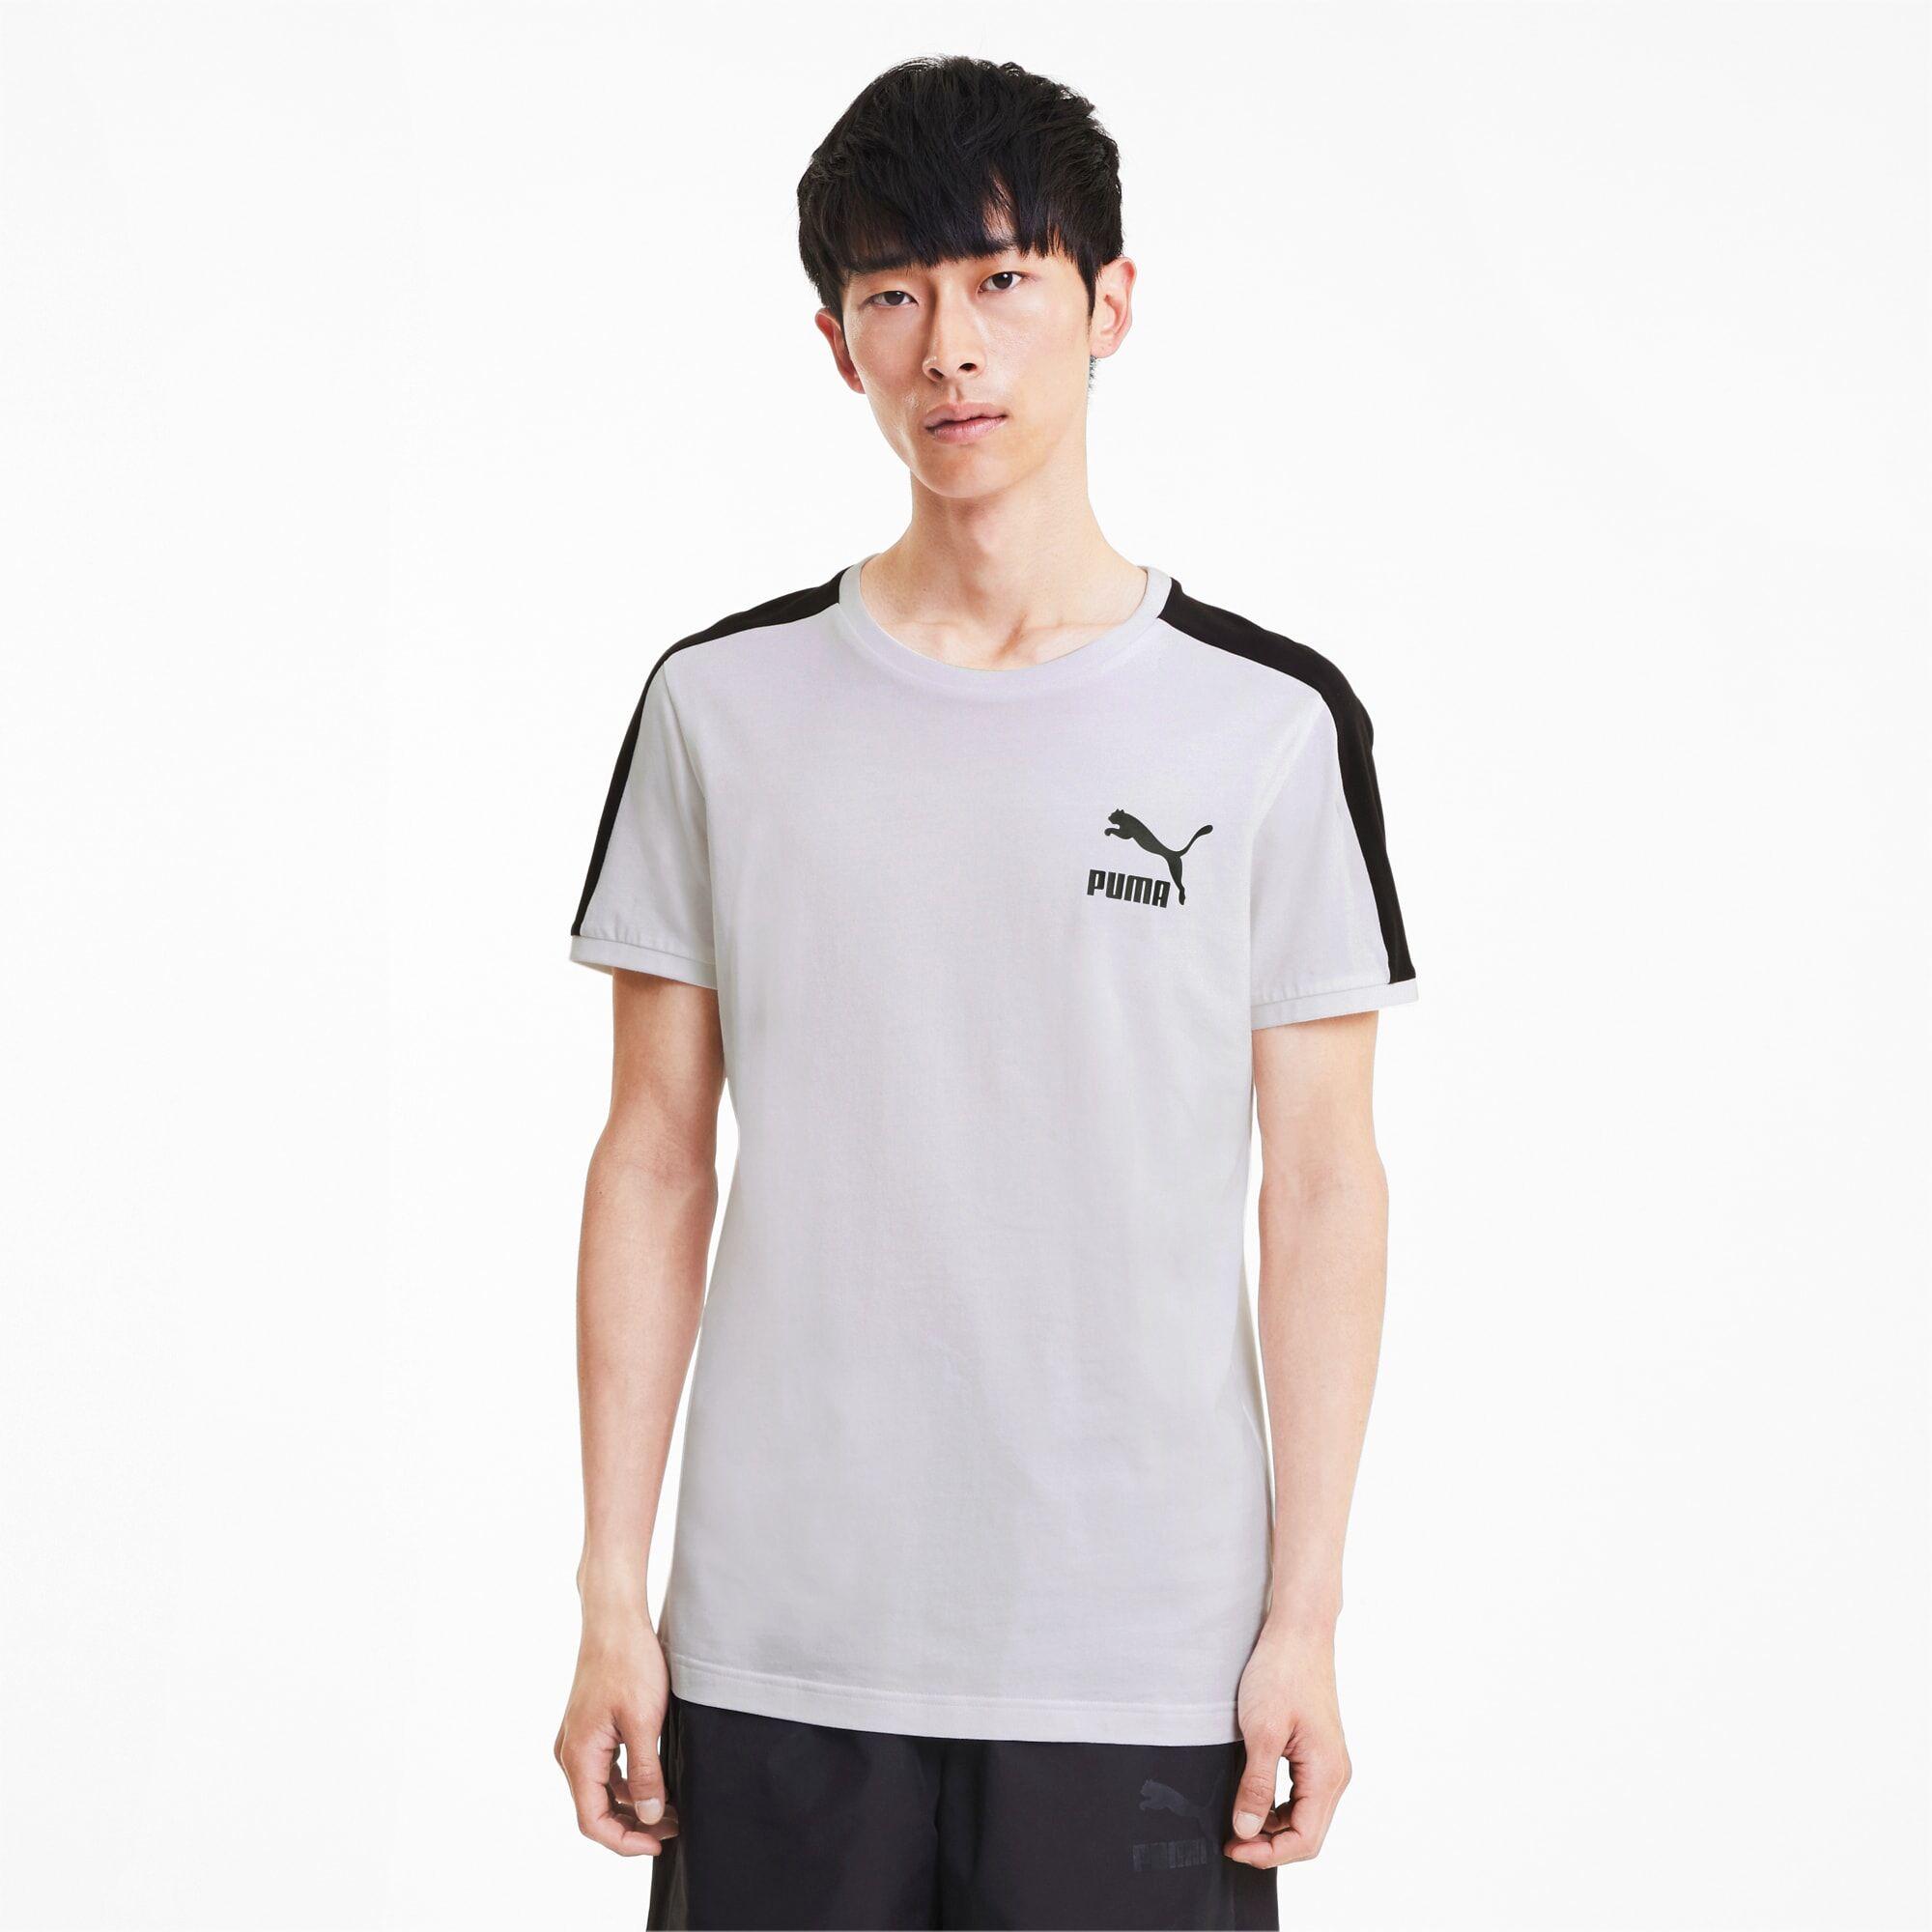 PUMA T-Shirt Iconic T7 Slim pour Homme, Blanc, Taille 3XL, Vêtements